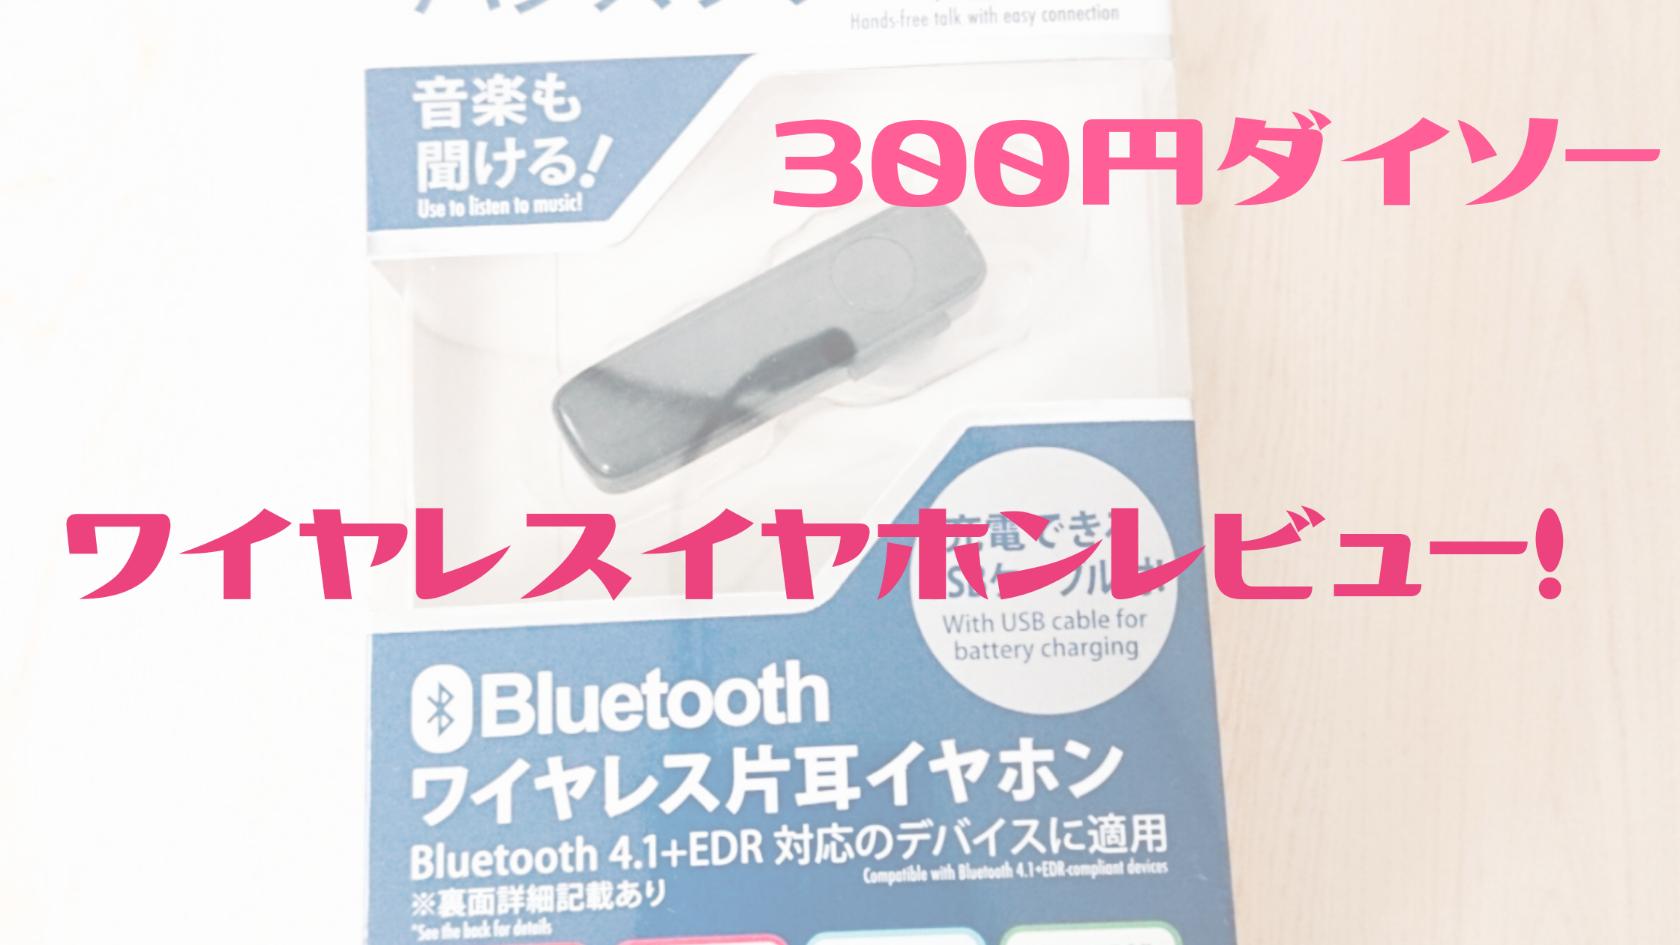 ダイソー 300円イヤホン ワイヤレス android Xperia 対応 使い勝手 使い方 レビュー